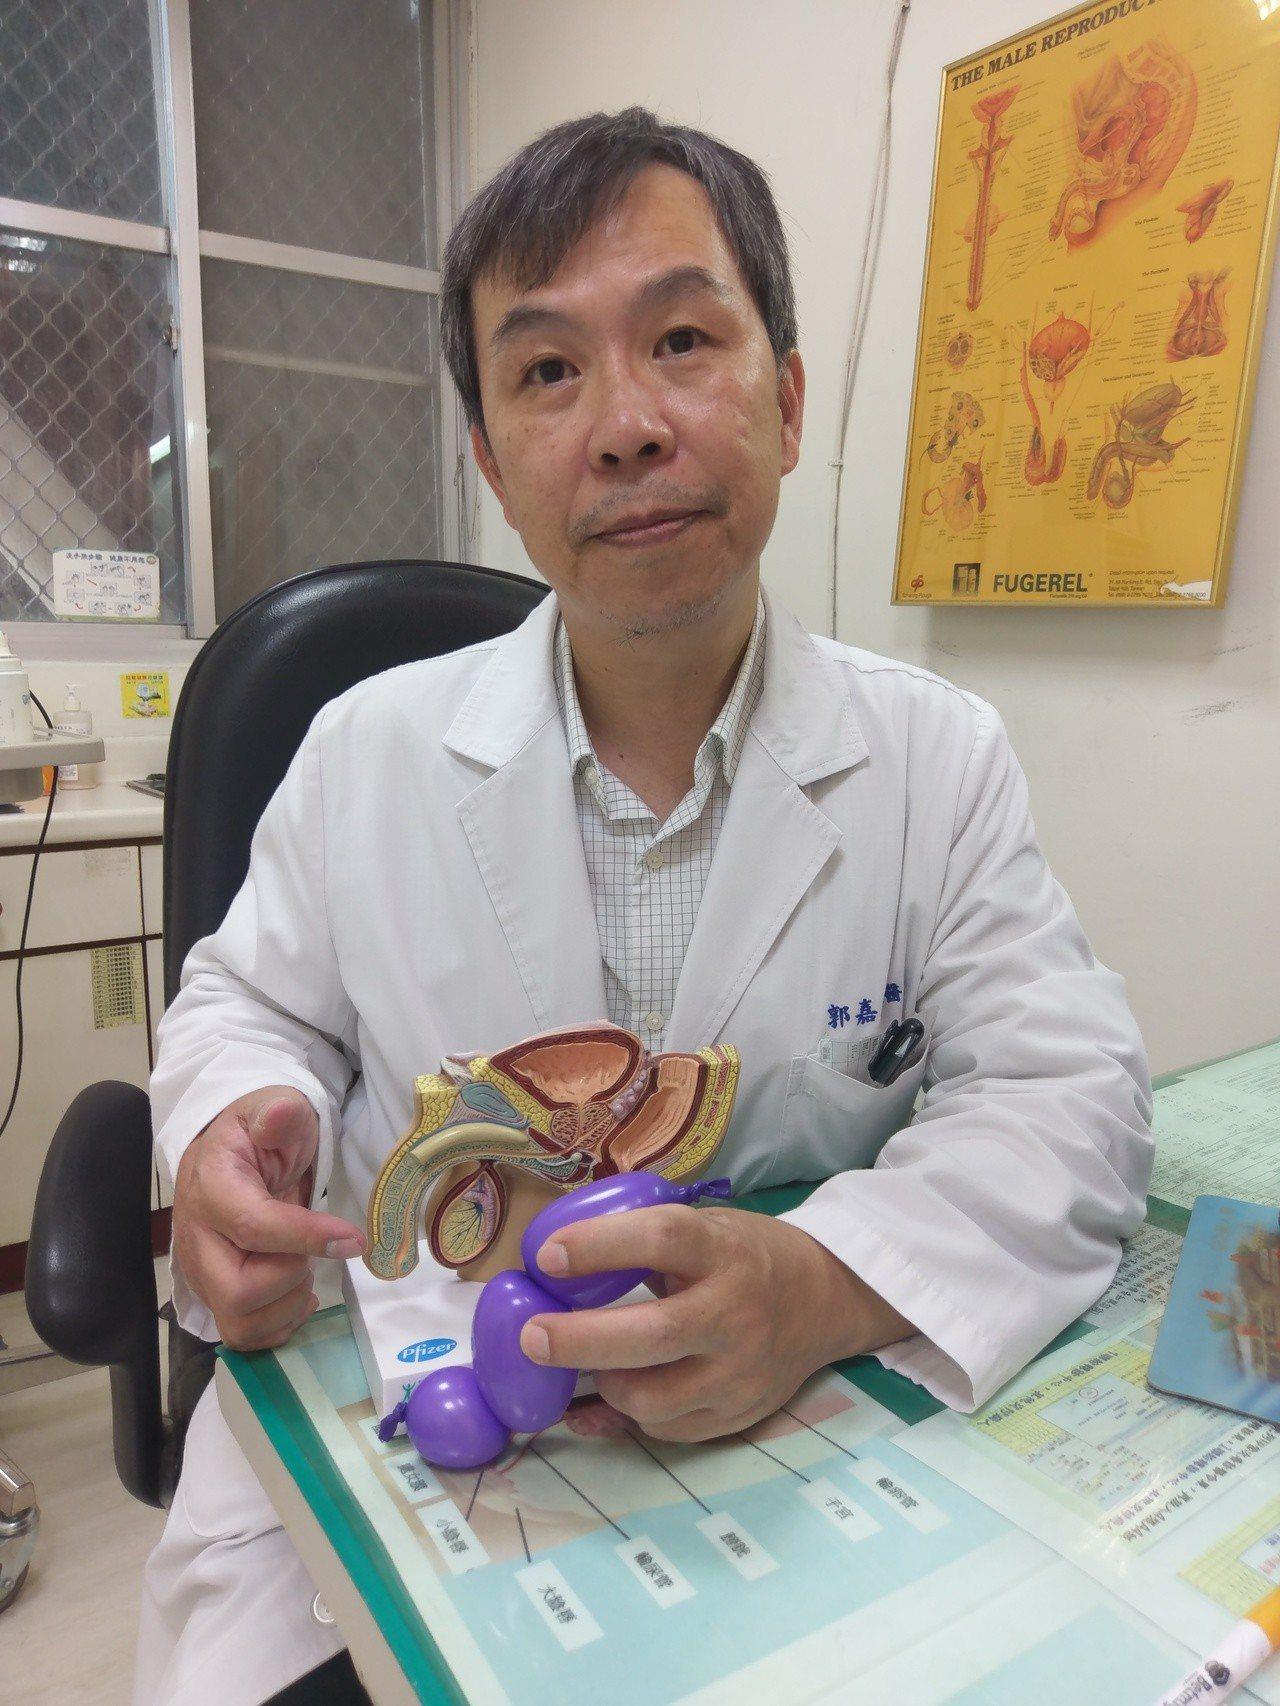 衛福部豐原醫院泌尿外科醫師郭嘉政表示,「陰莖骨折」多半是性愛姿勢採女上男下發生。...